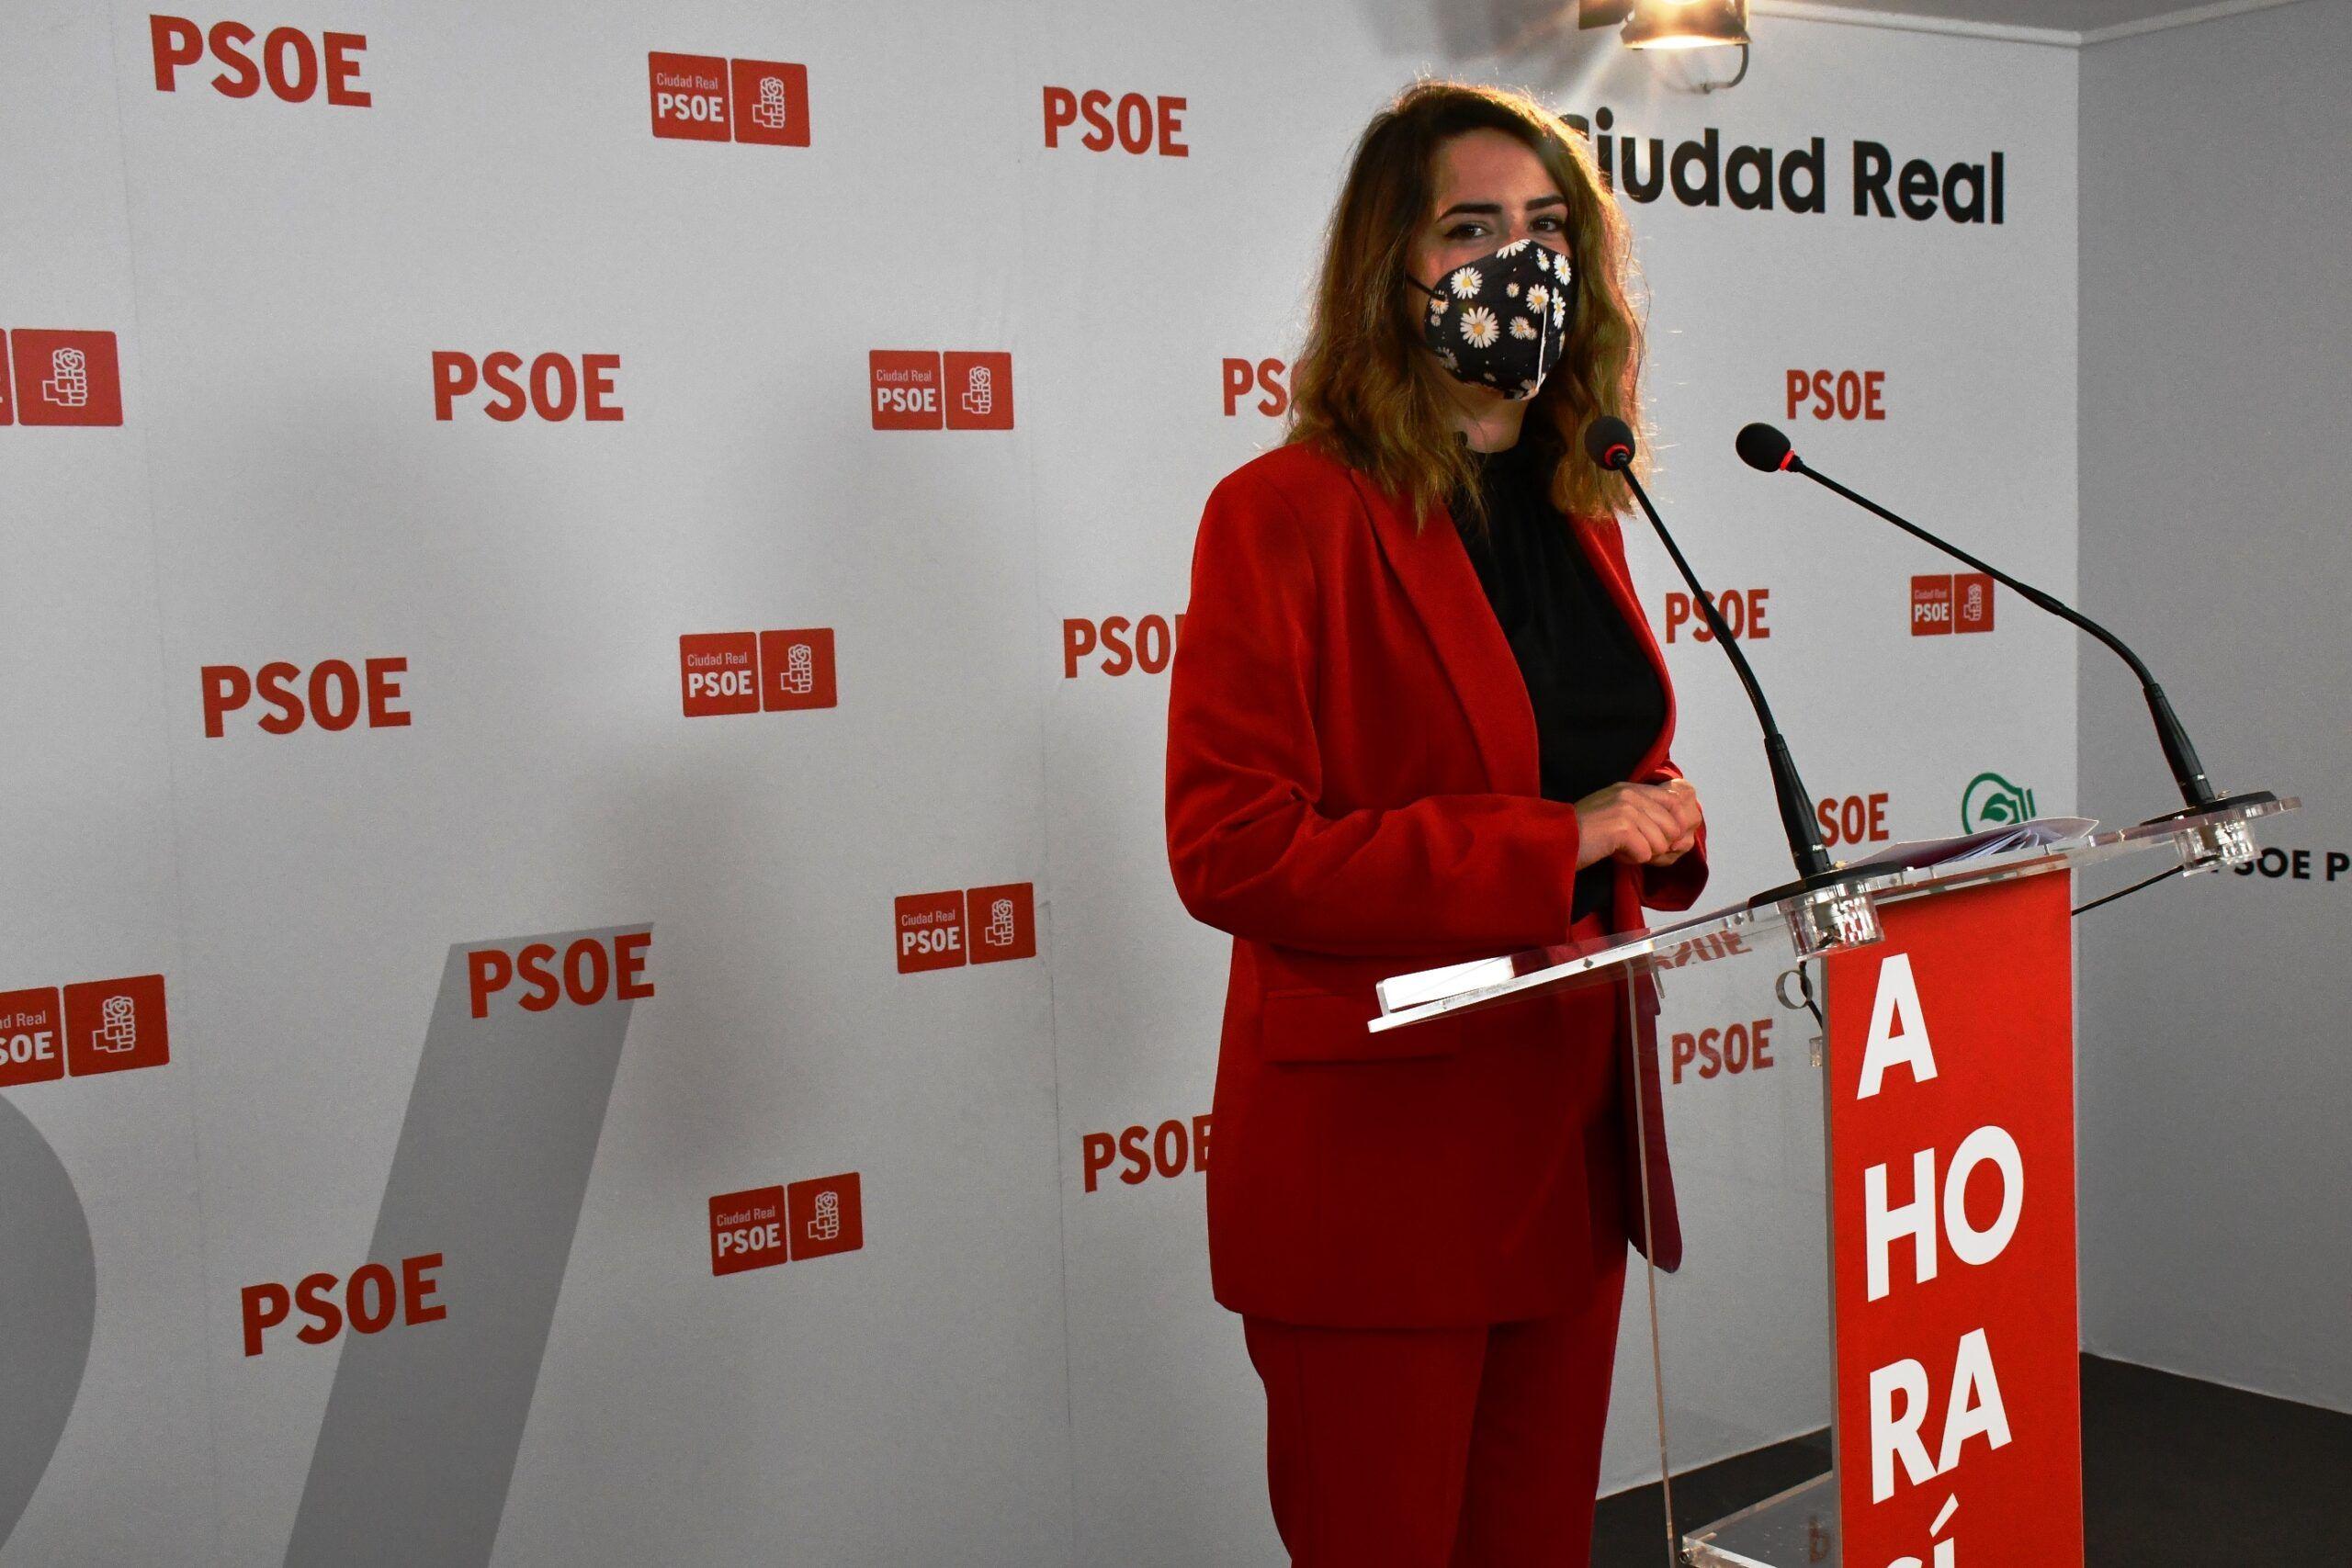 """Cristina López: """"El Gobierno de España ha mostrado su firme apoyo a agricultores y ganaderos,y para ellos el PSOE seguirá trabajando desde las instituciones"""""""